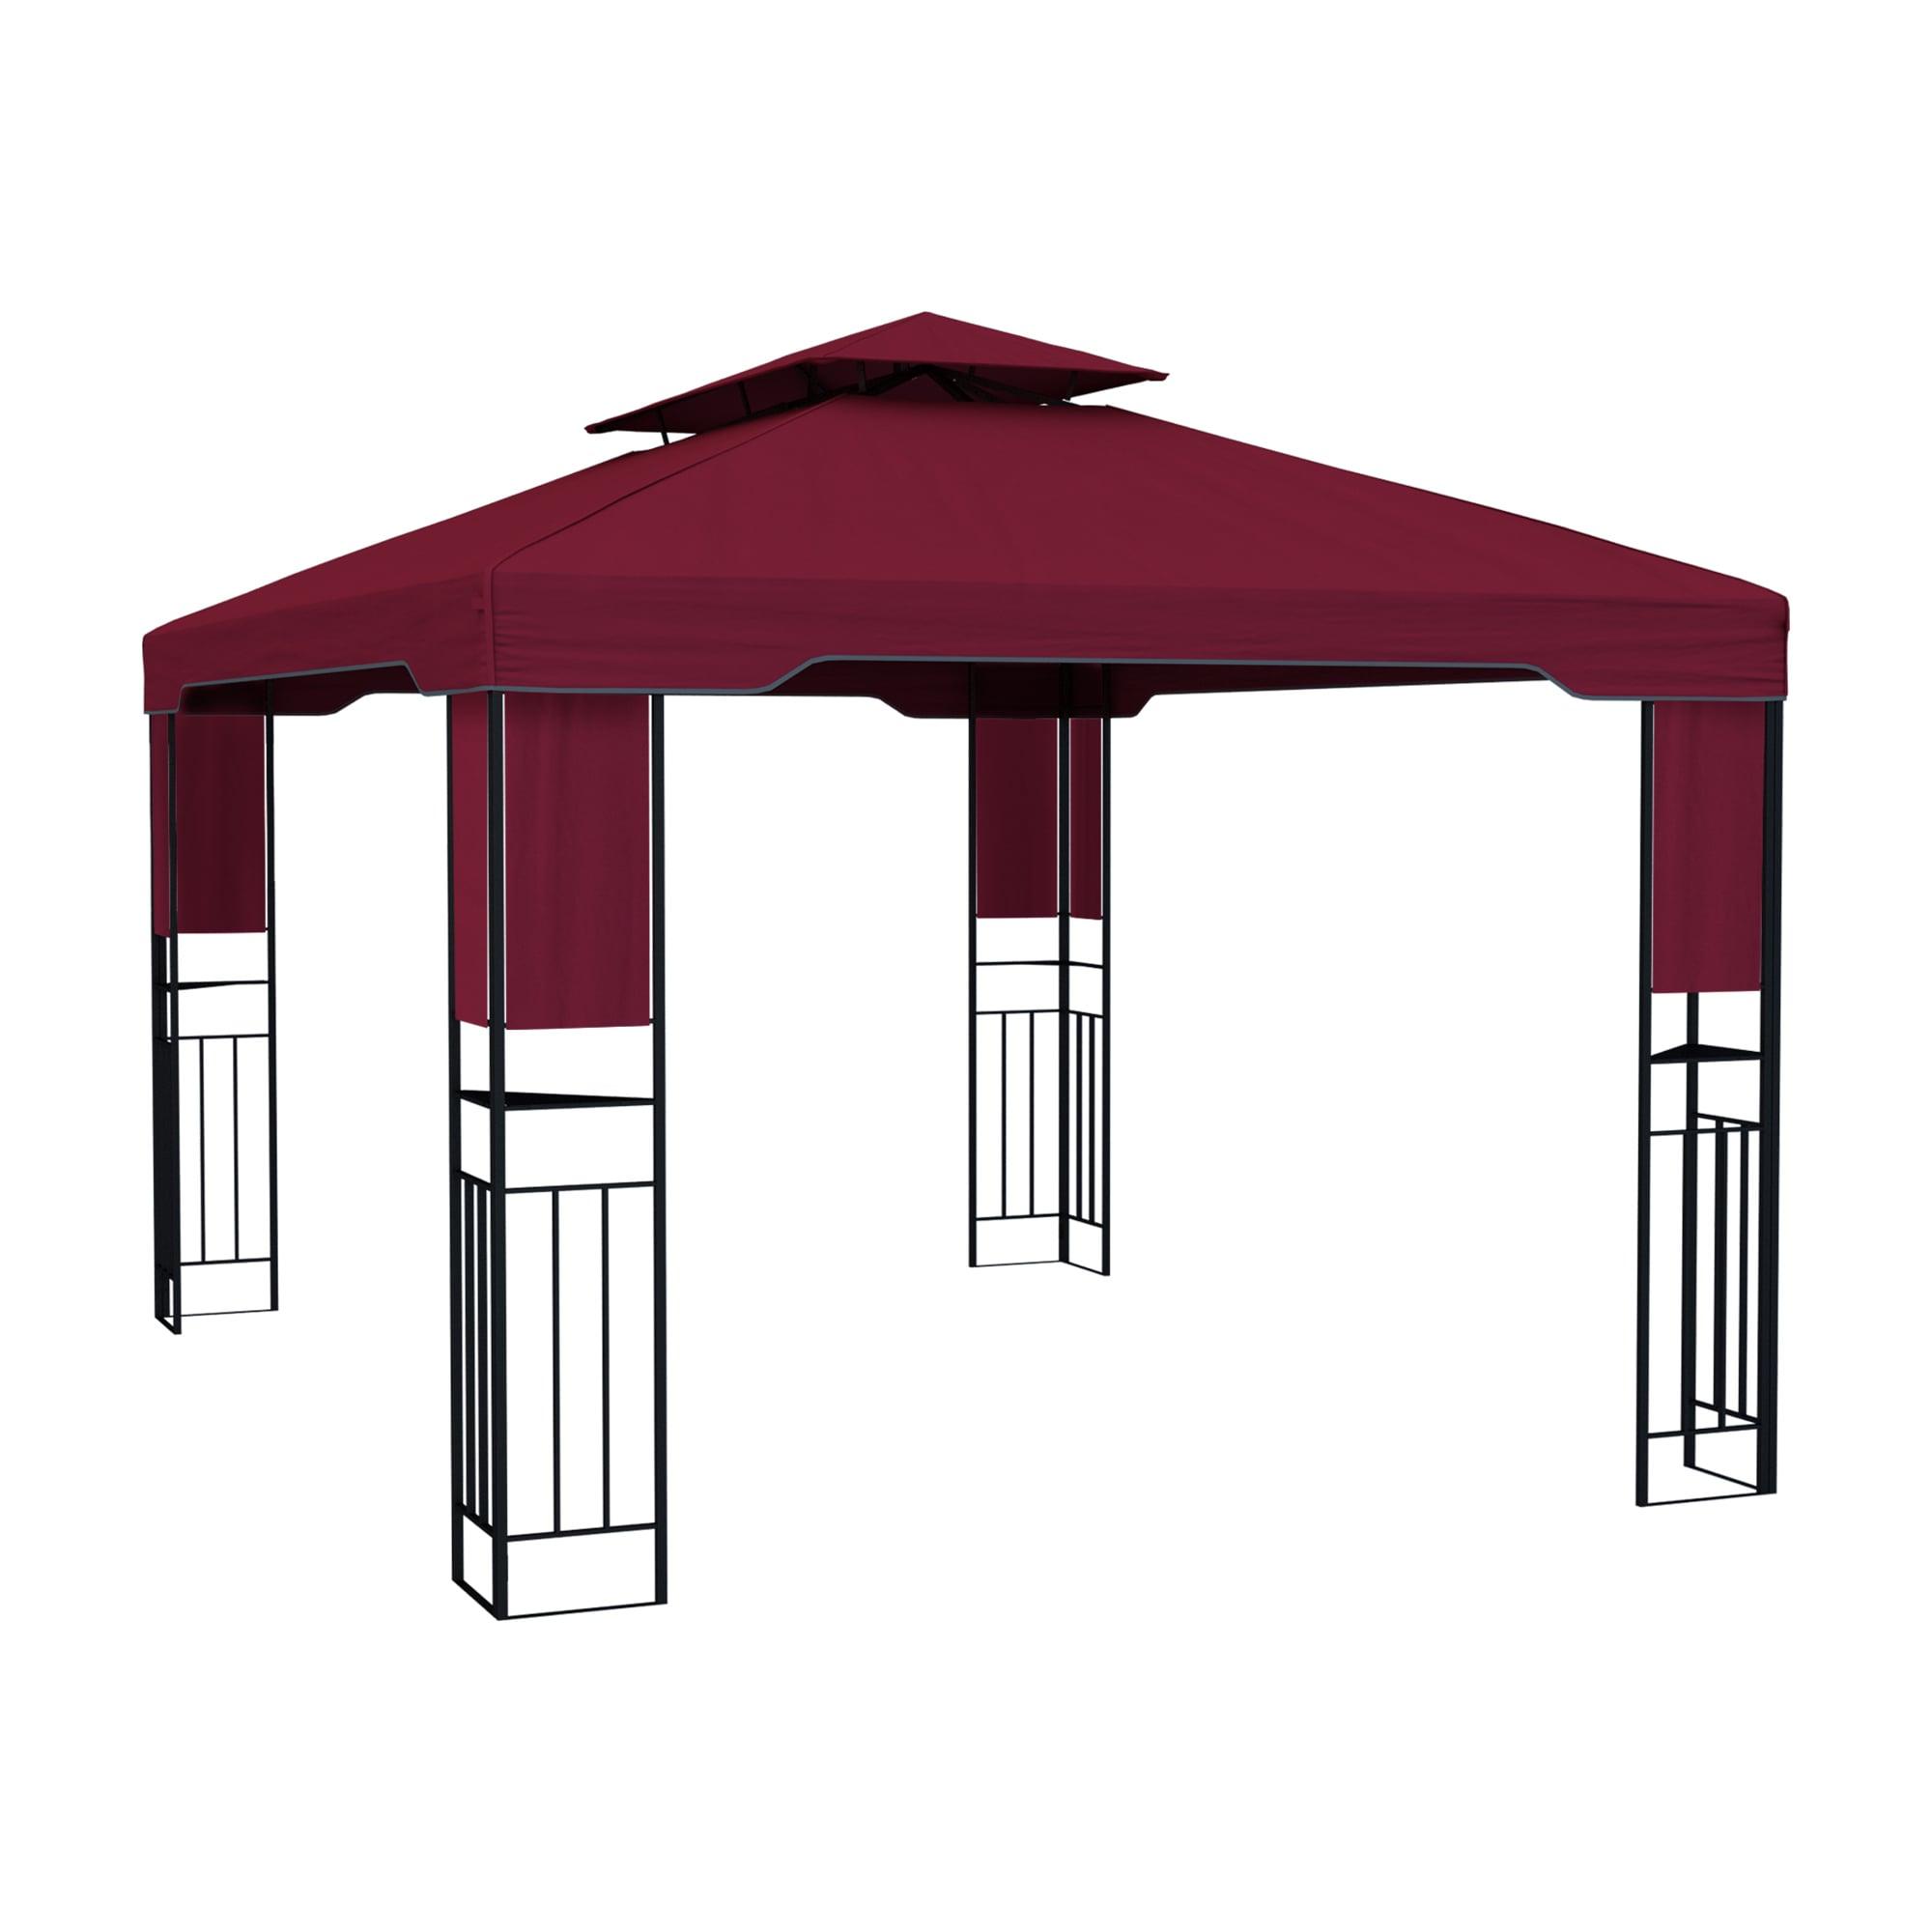 pavillon aus metall aufbau ohne werkzeug wasserdicht. Black Bedroom Furniture Sets. Home Design Ideas